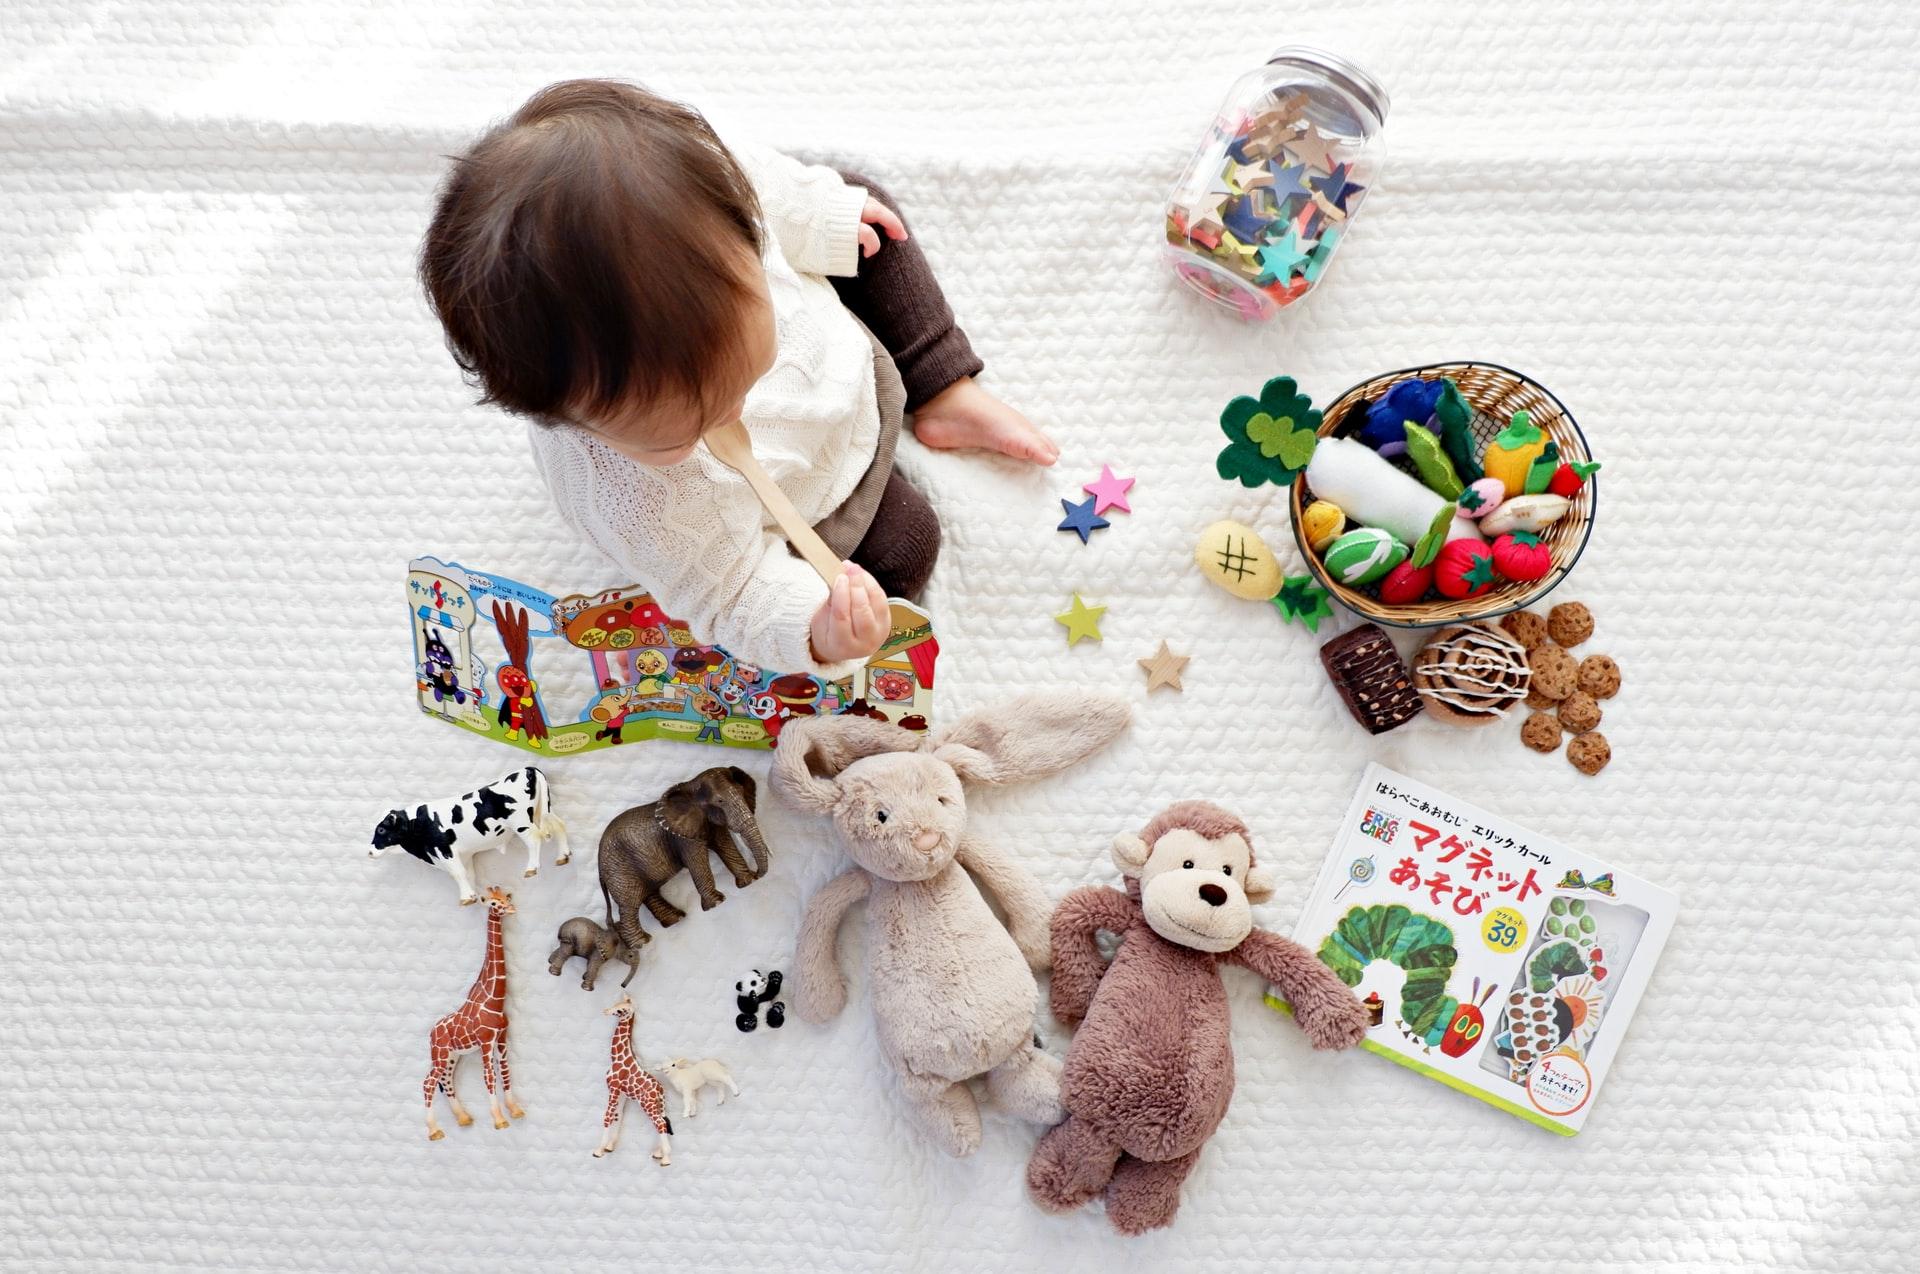 انتخاب کادو برای کودک